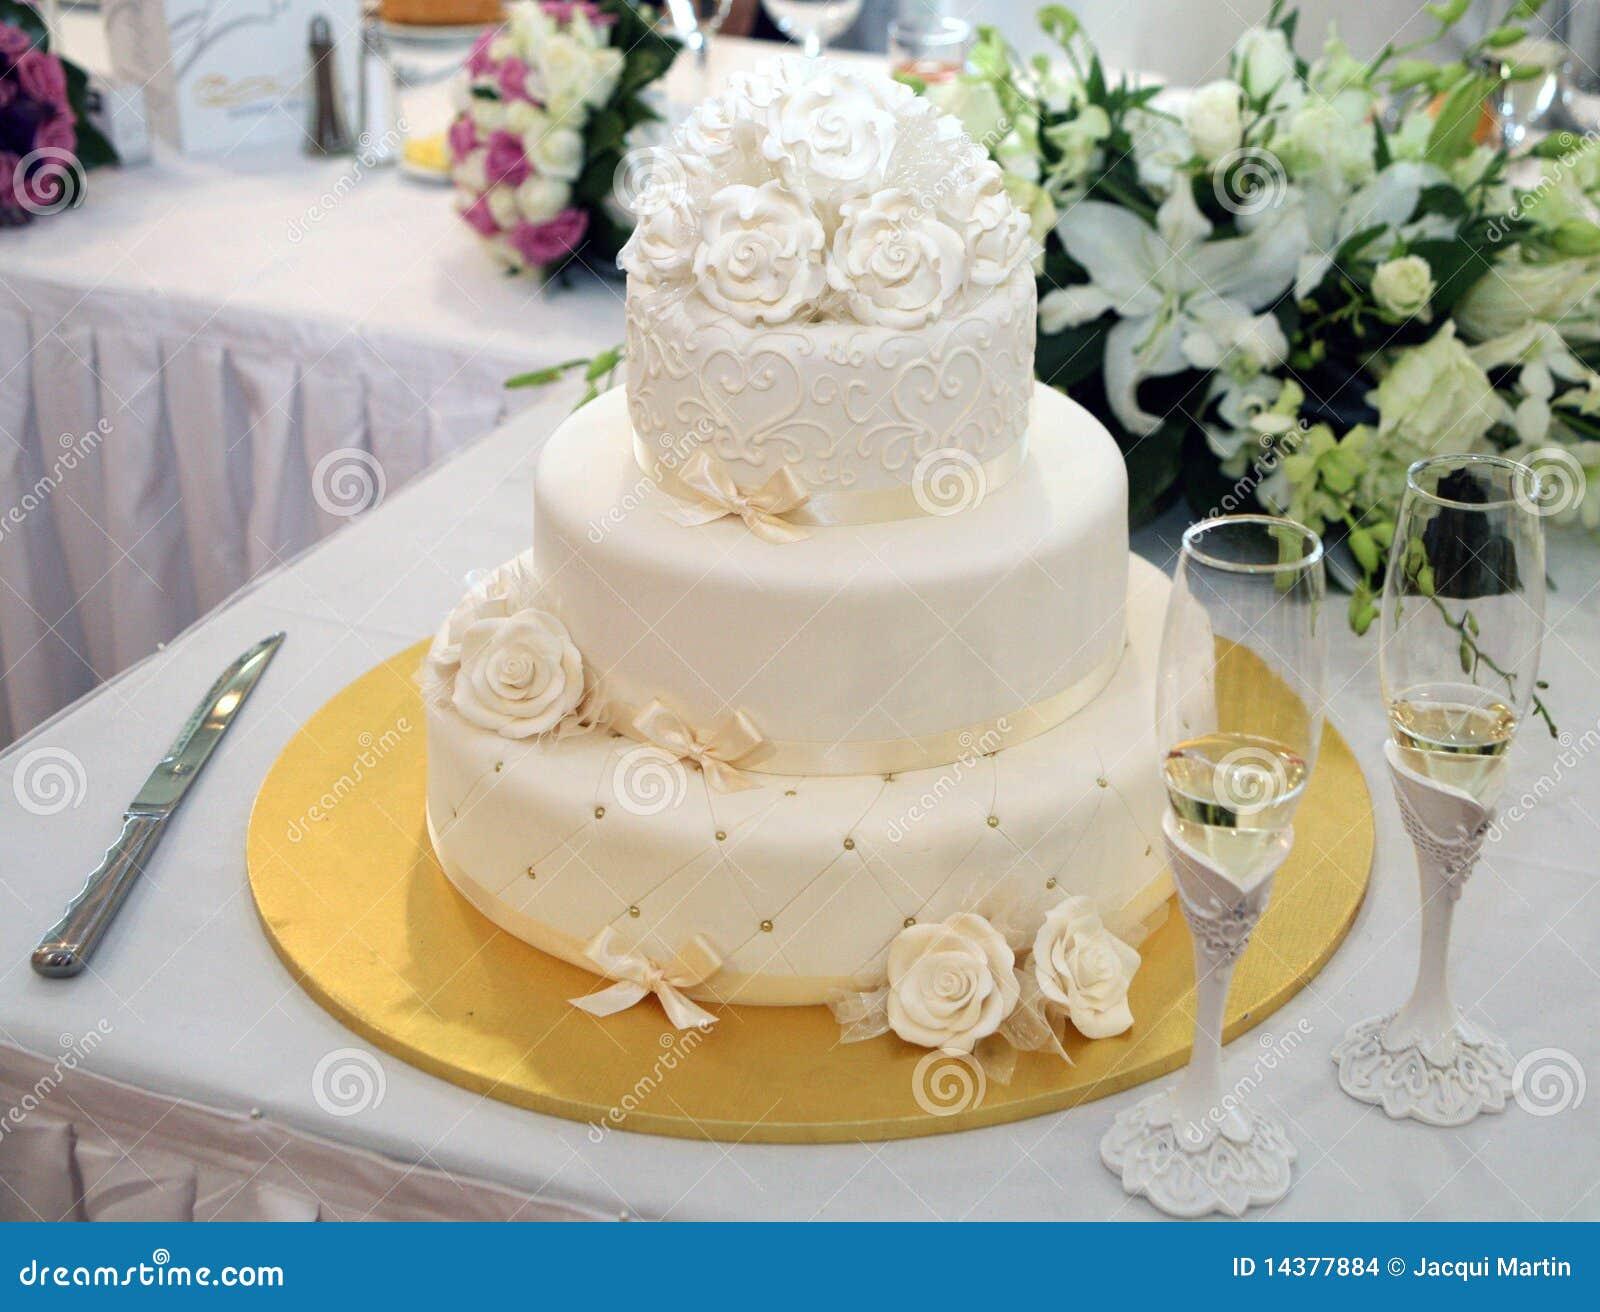 Tortas de boda fotos